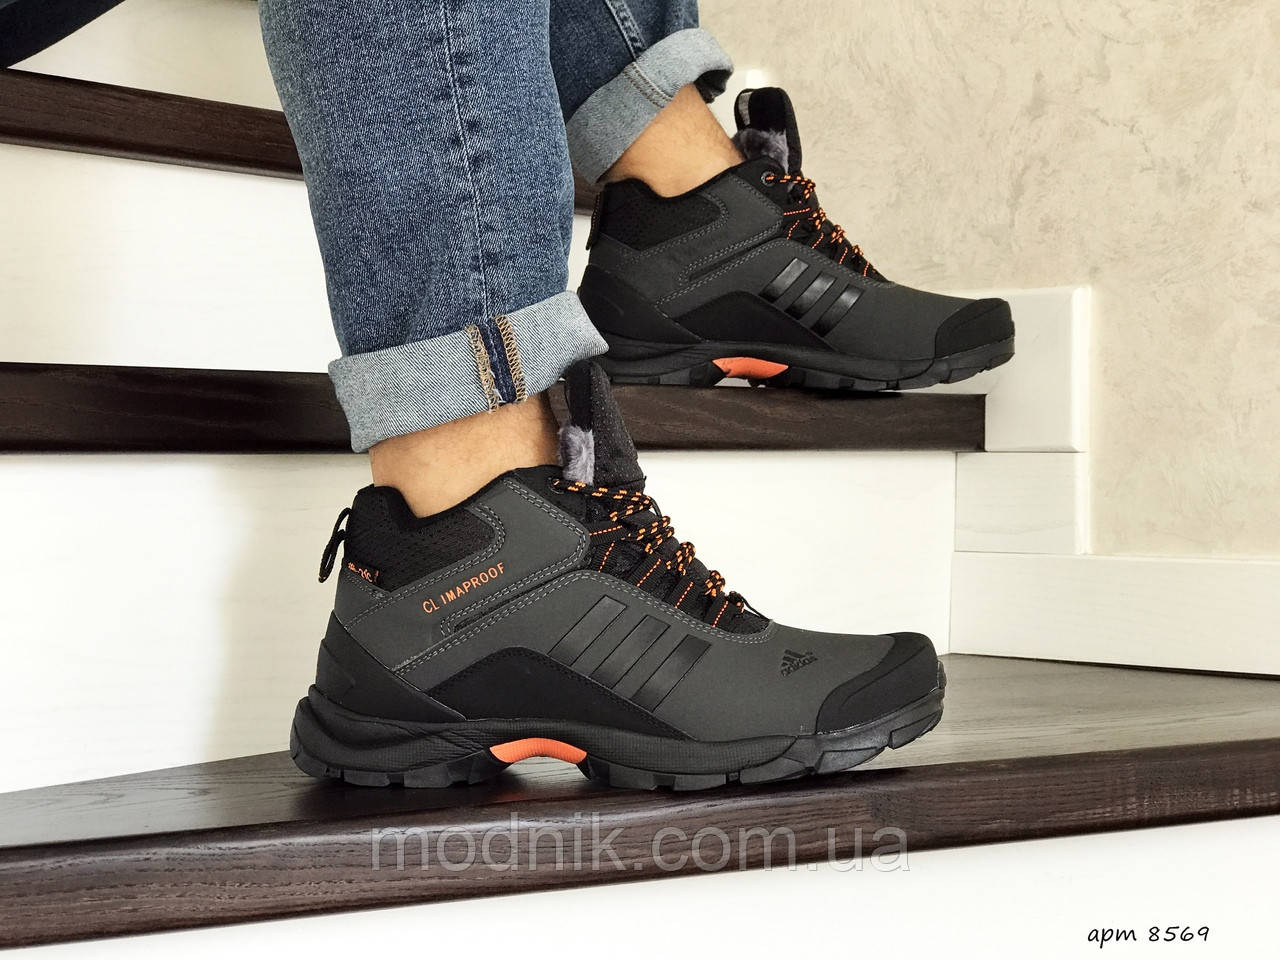 Мужские кроссовки Adidas Climaproof (серо-оранжевые) ЗИМА